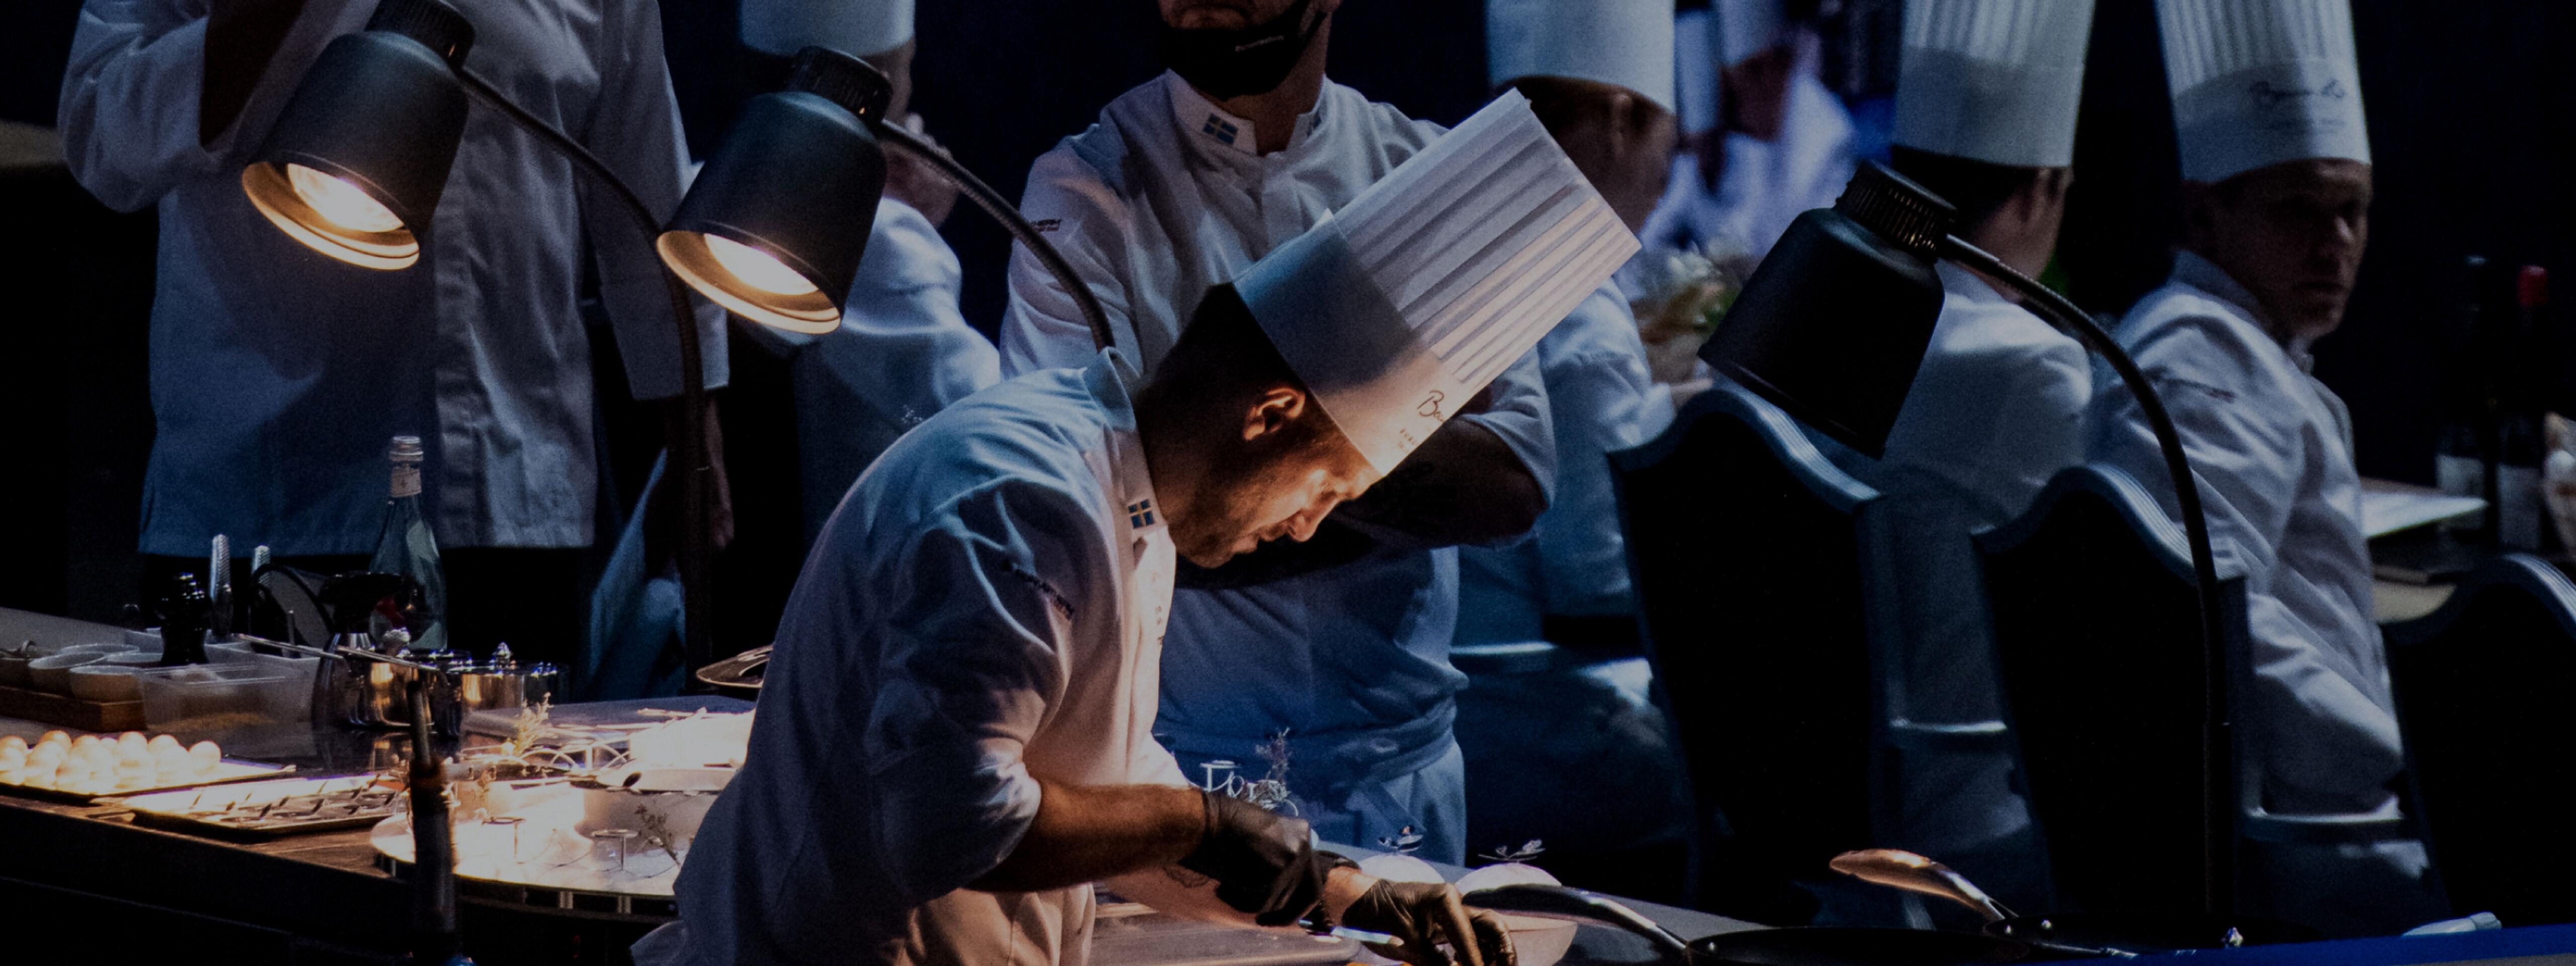 Foto: Viktor Fremling för Gastronomi Sverige AB